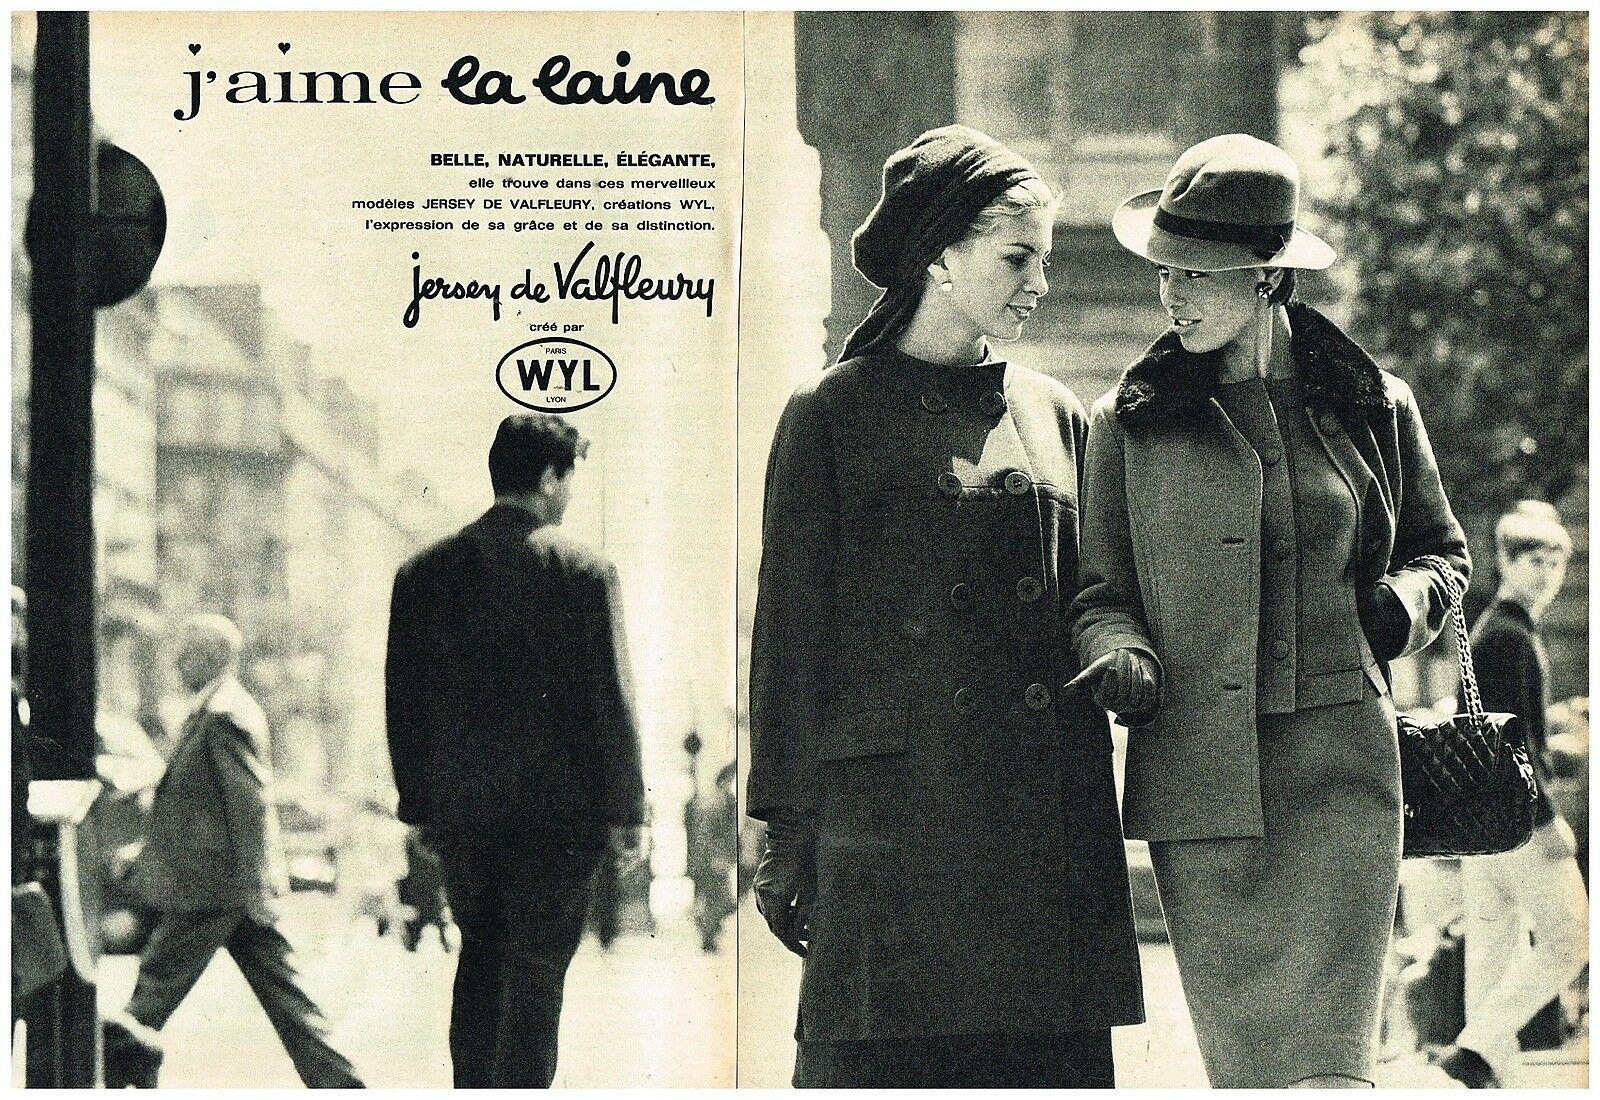 1964 Pret à porter Jersey de Valfleury